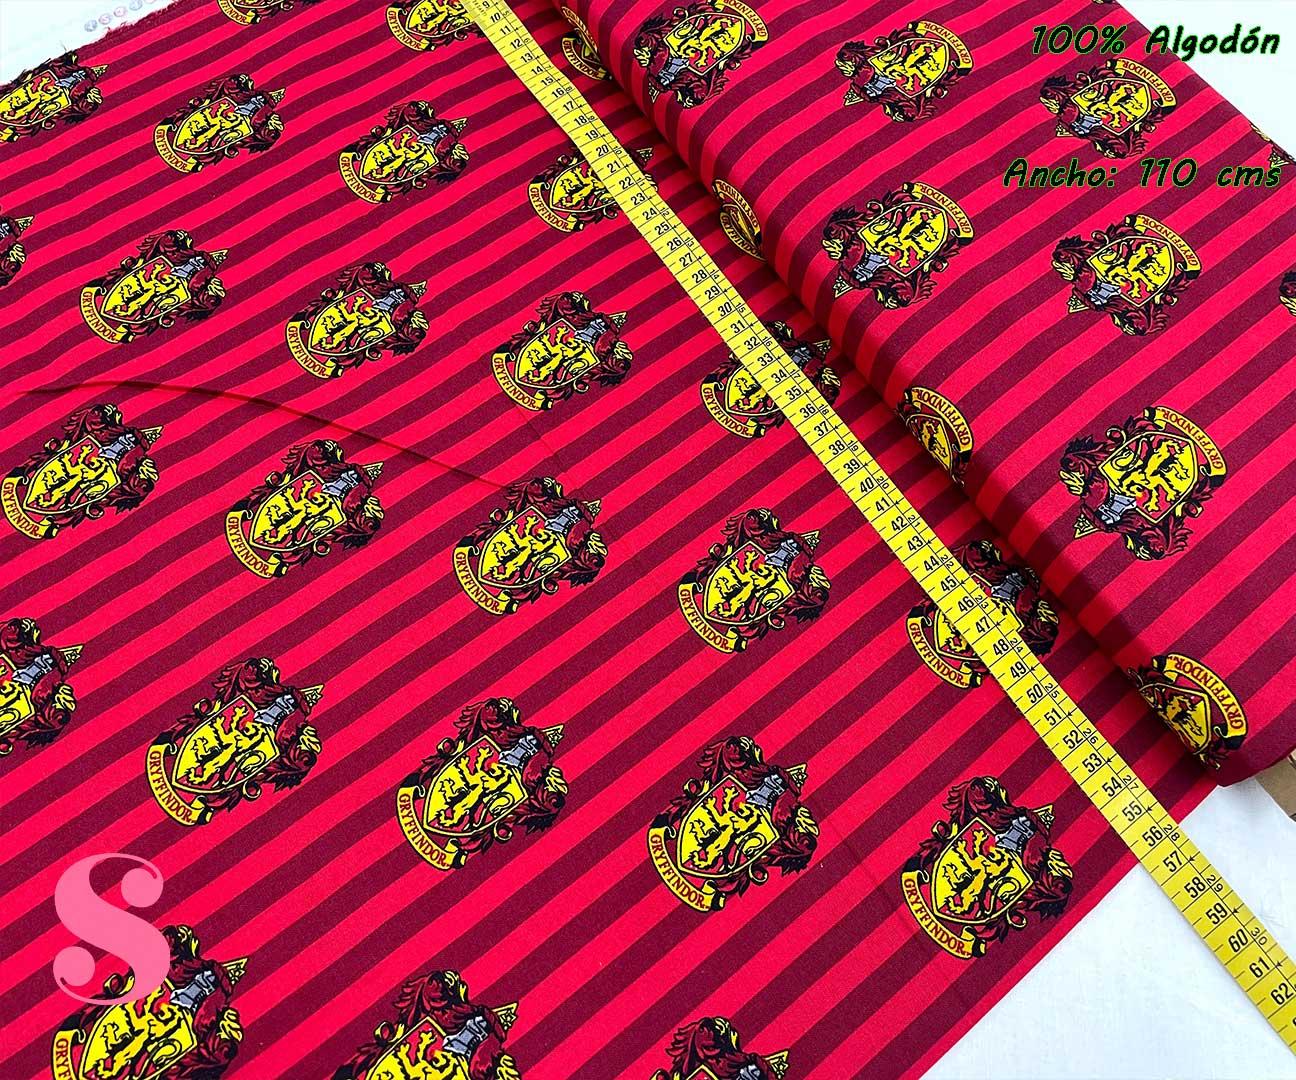 3-telas-frikis,telas-harry-potter-originales,telas-camelot,estampados-originales-harry-potter,Tejido Estampado Patch Americano Harry Potter Casa Gryffindor